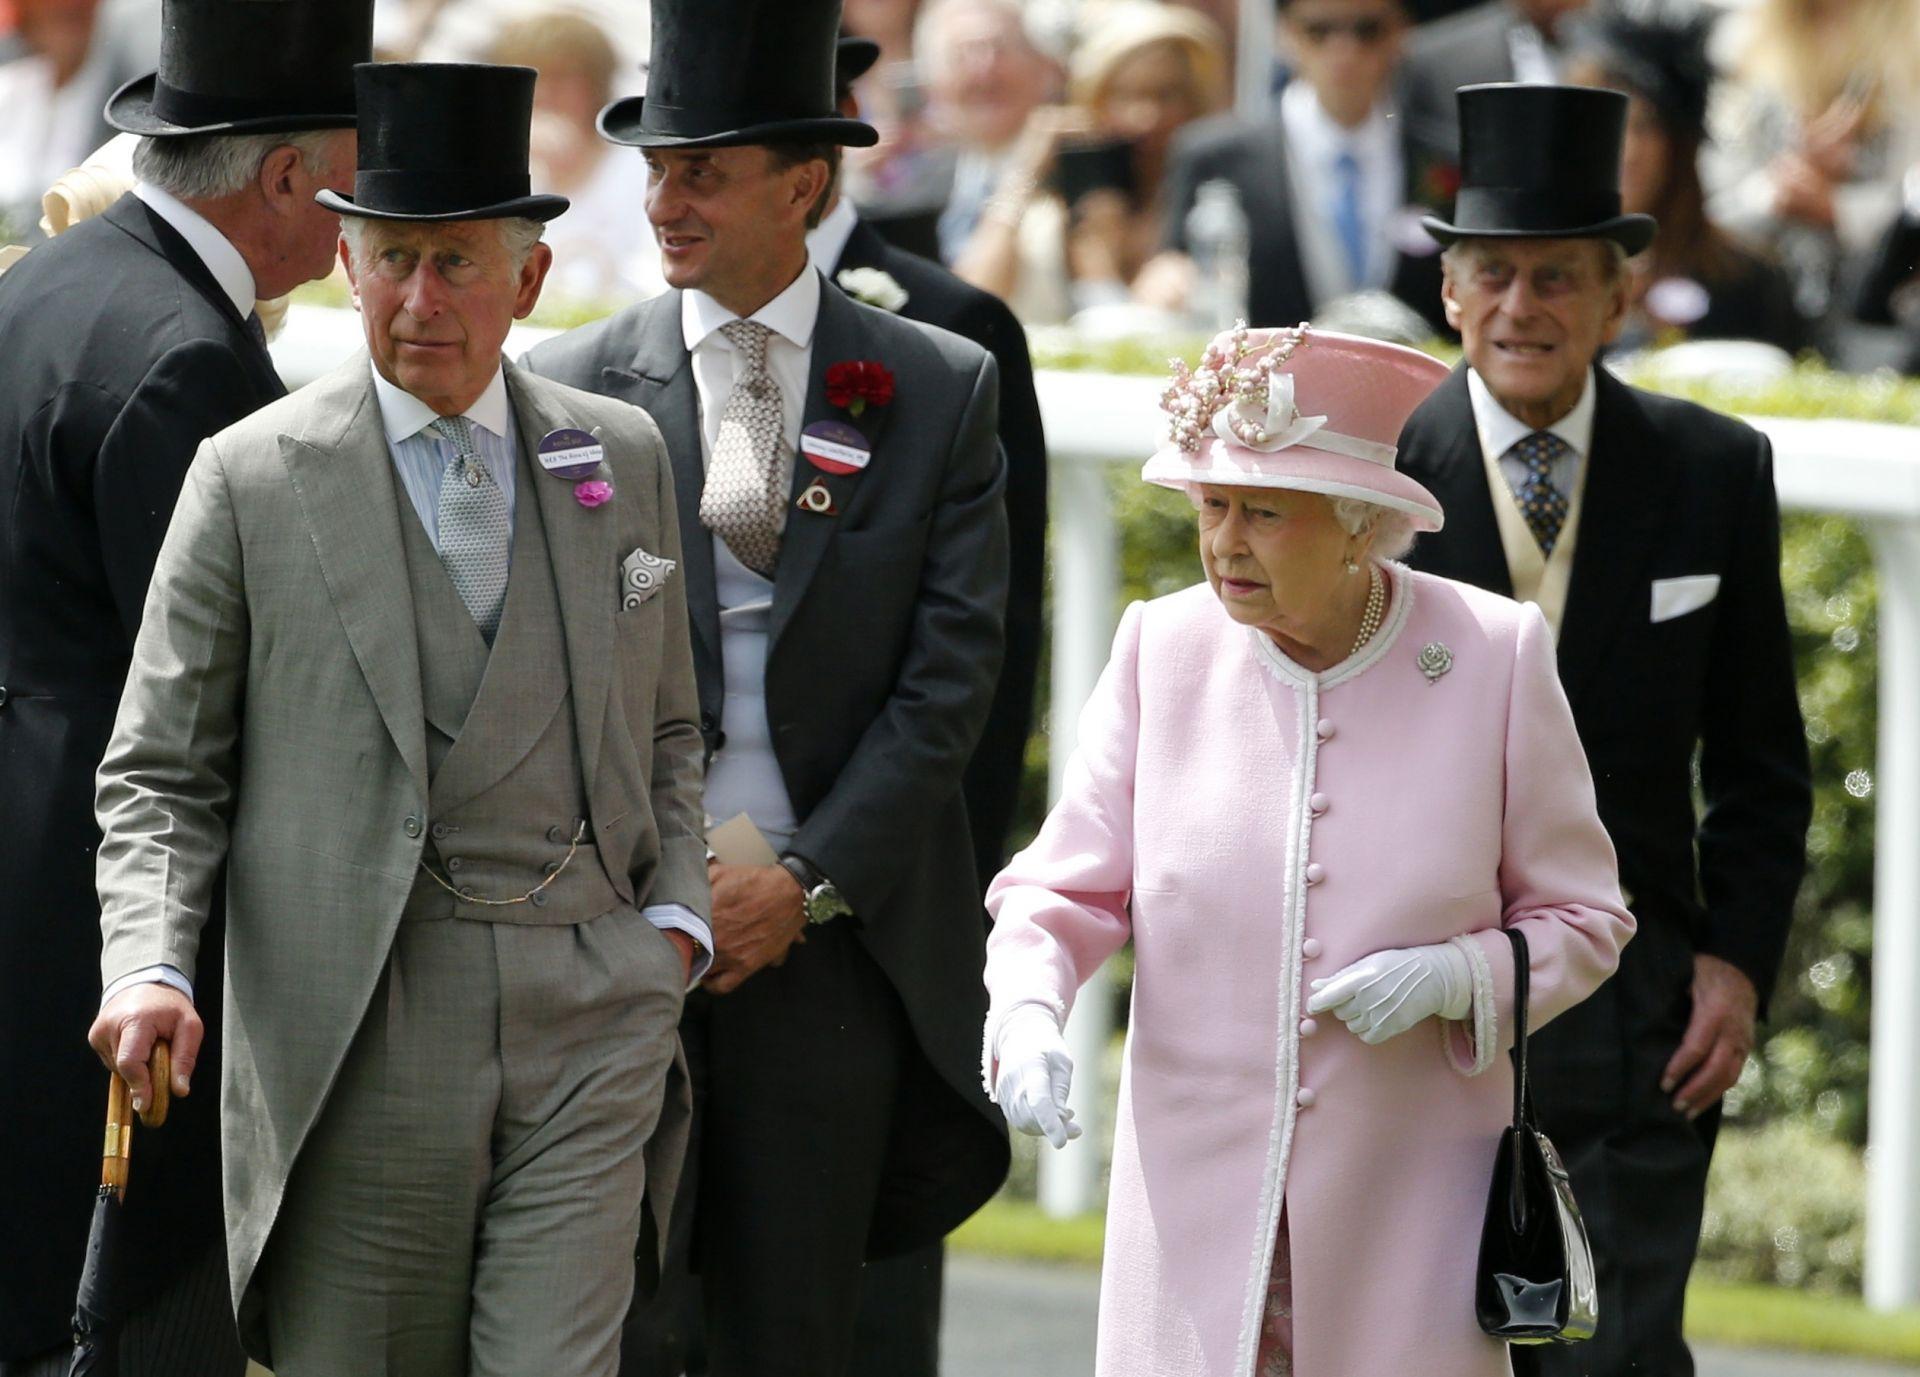 Кралица Елизабет Втора на конните надбКралица Елизабет Втора на конните надбягвания през 2006 г. ягвания през 2016 г.